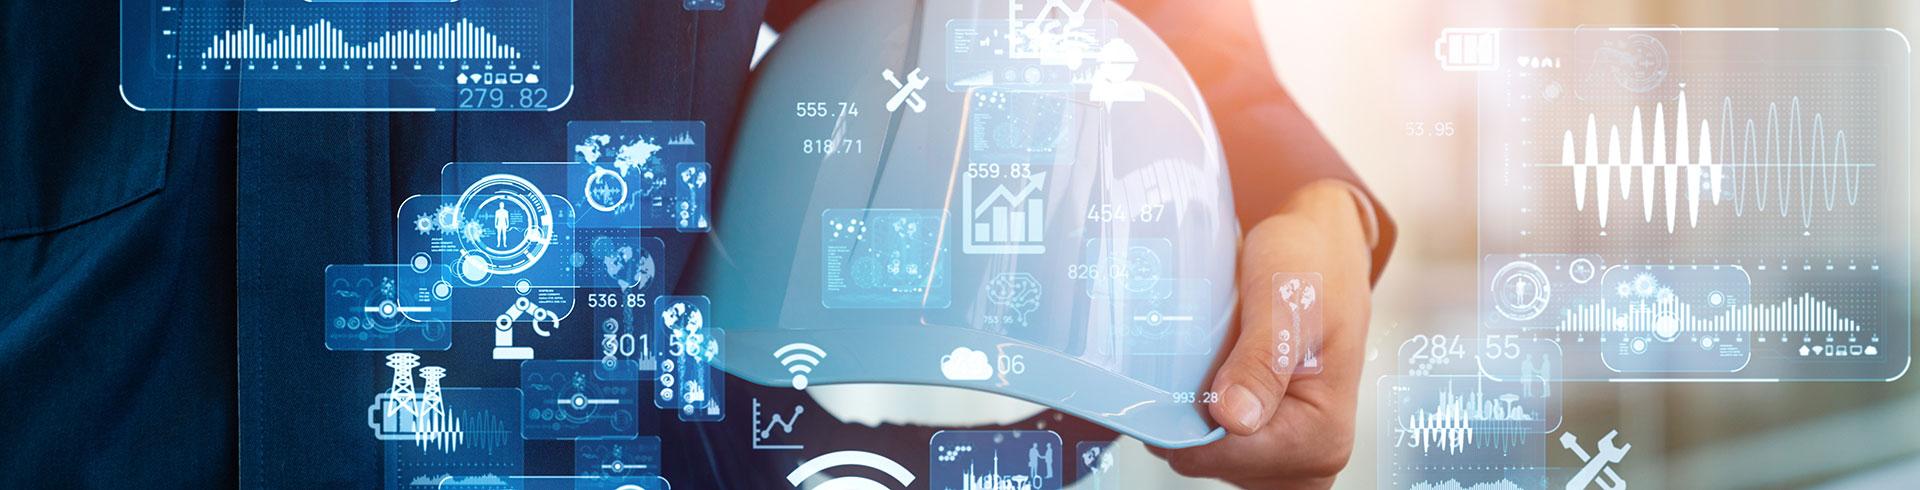 L'innovazione tecnologica al servizio del futuro